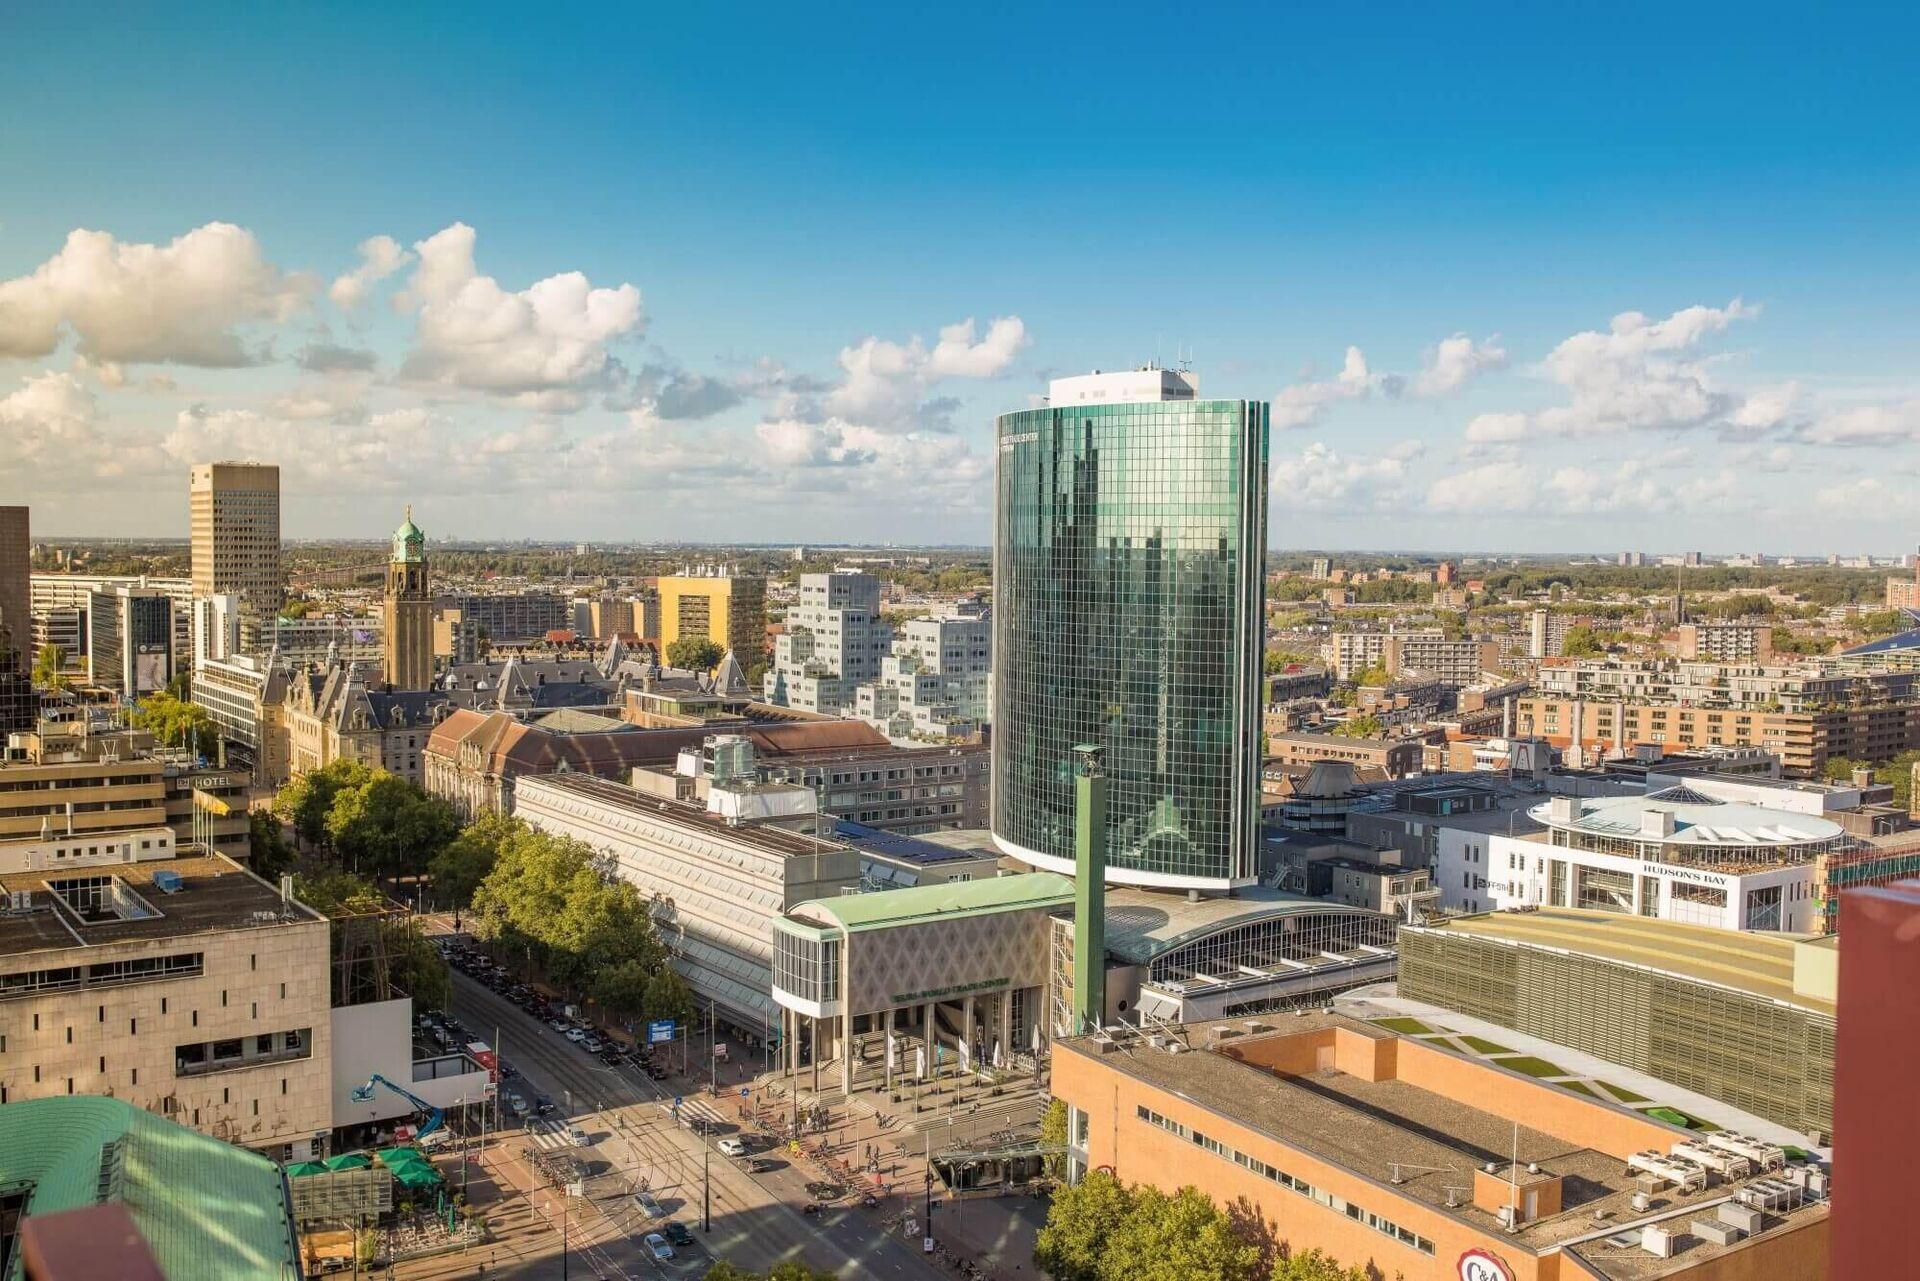 Gevelrenovatie van WTC Rotterdam is gestart